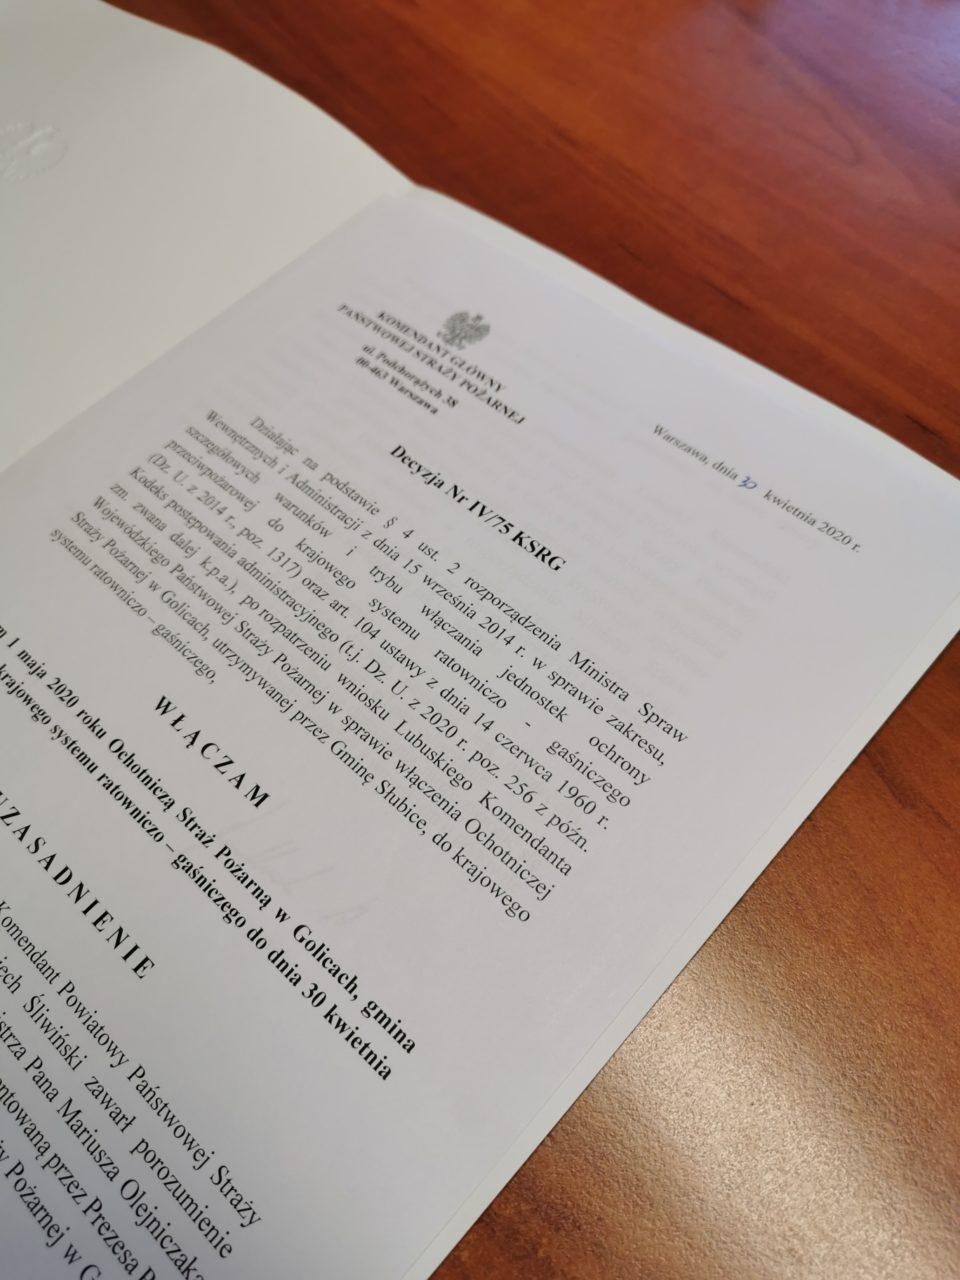 OSP w Golicach włączona do krajowego systemu ratowniczo-gaśniczego!